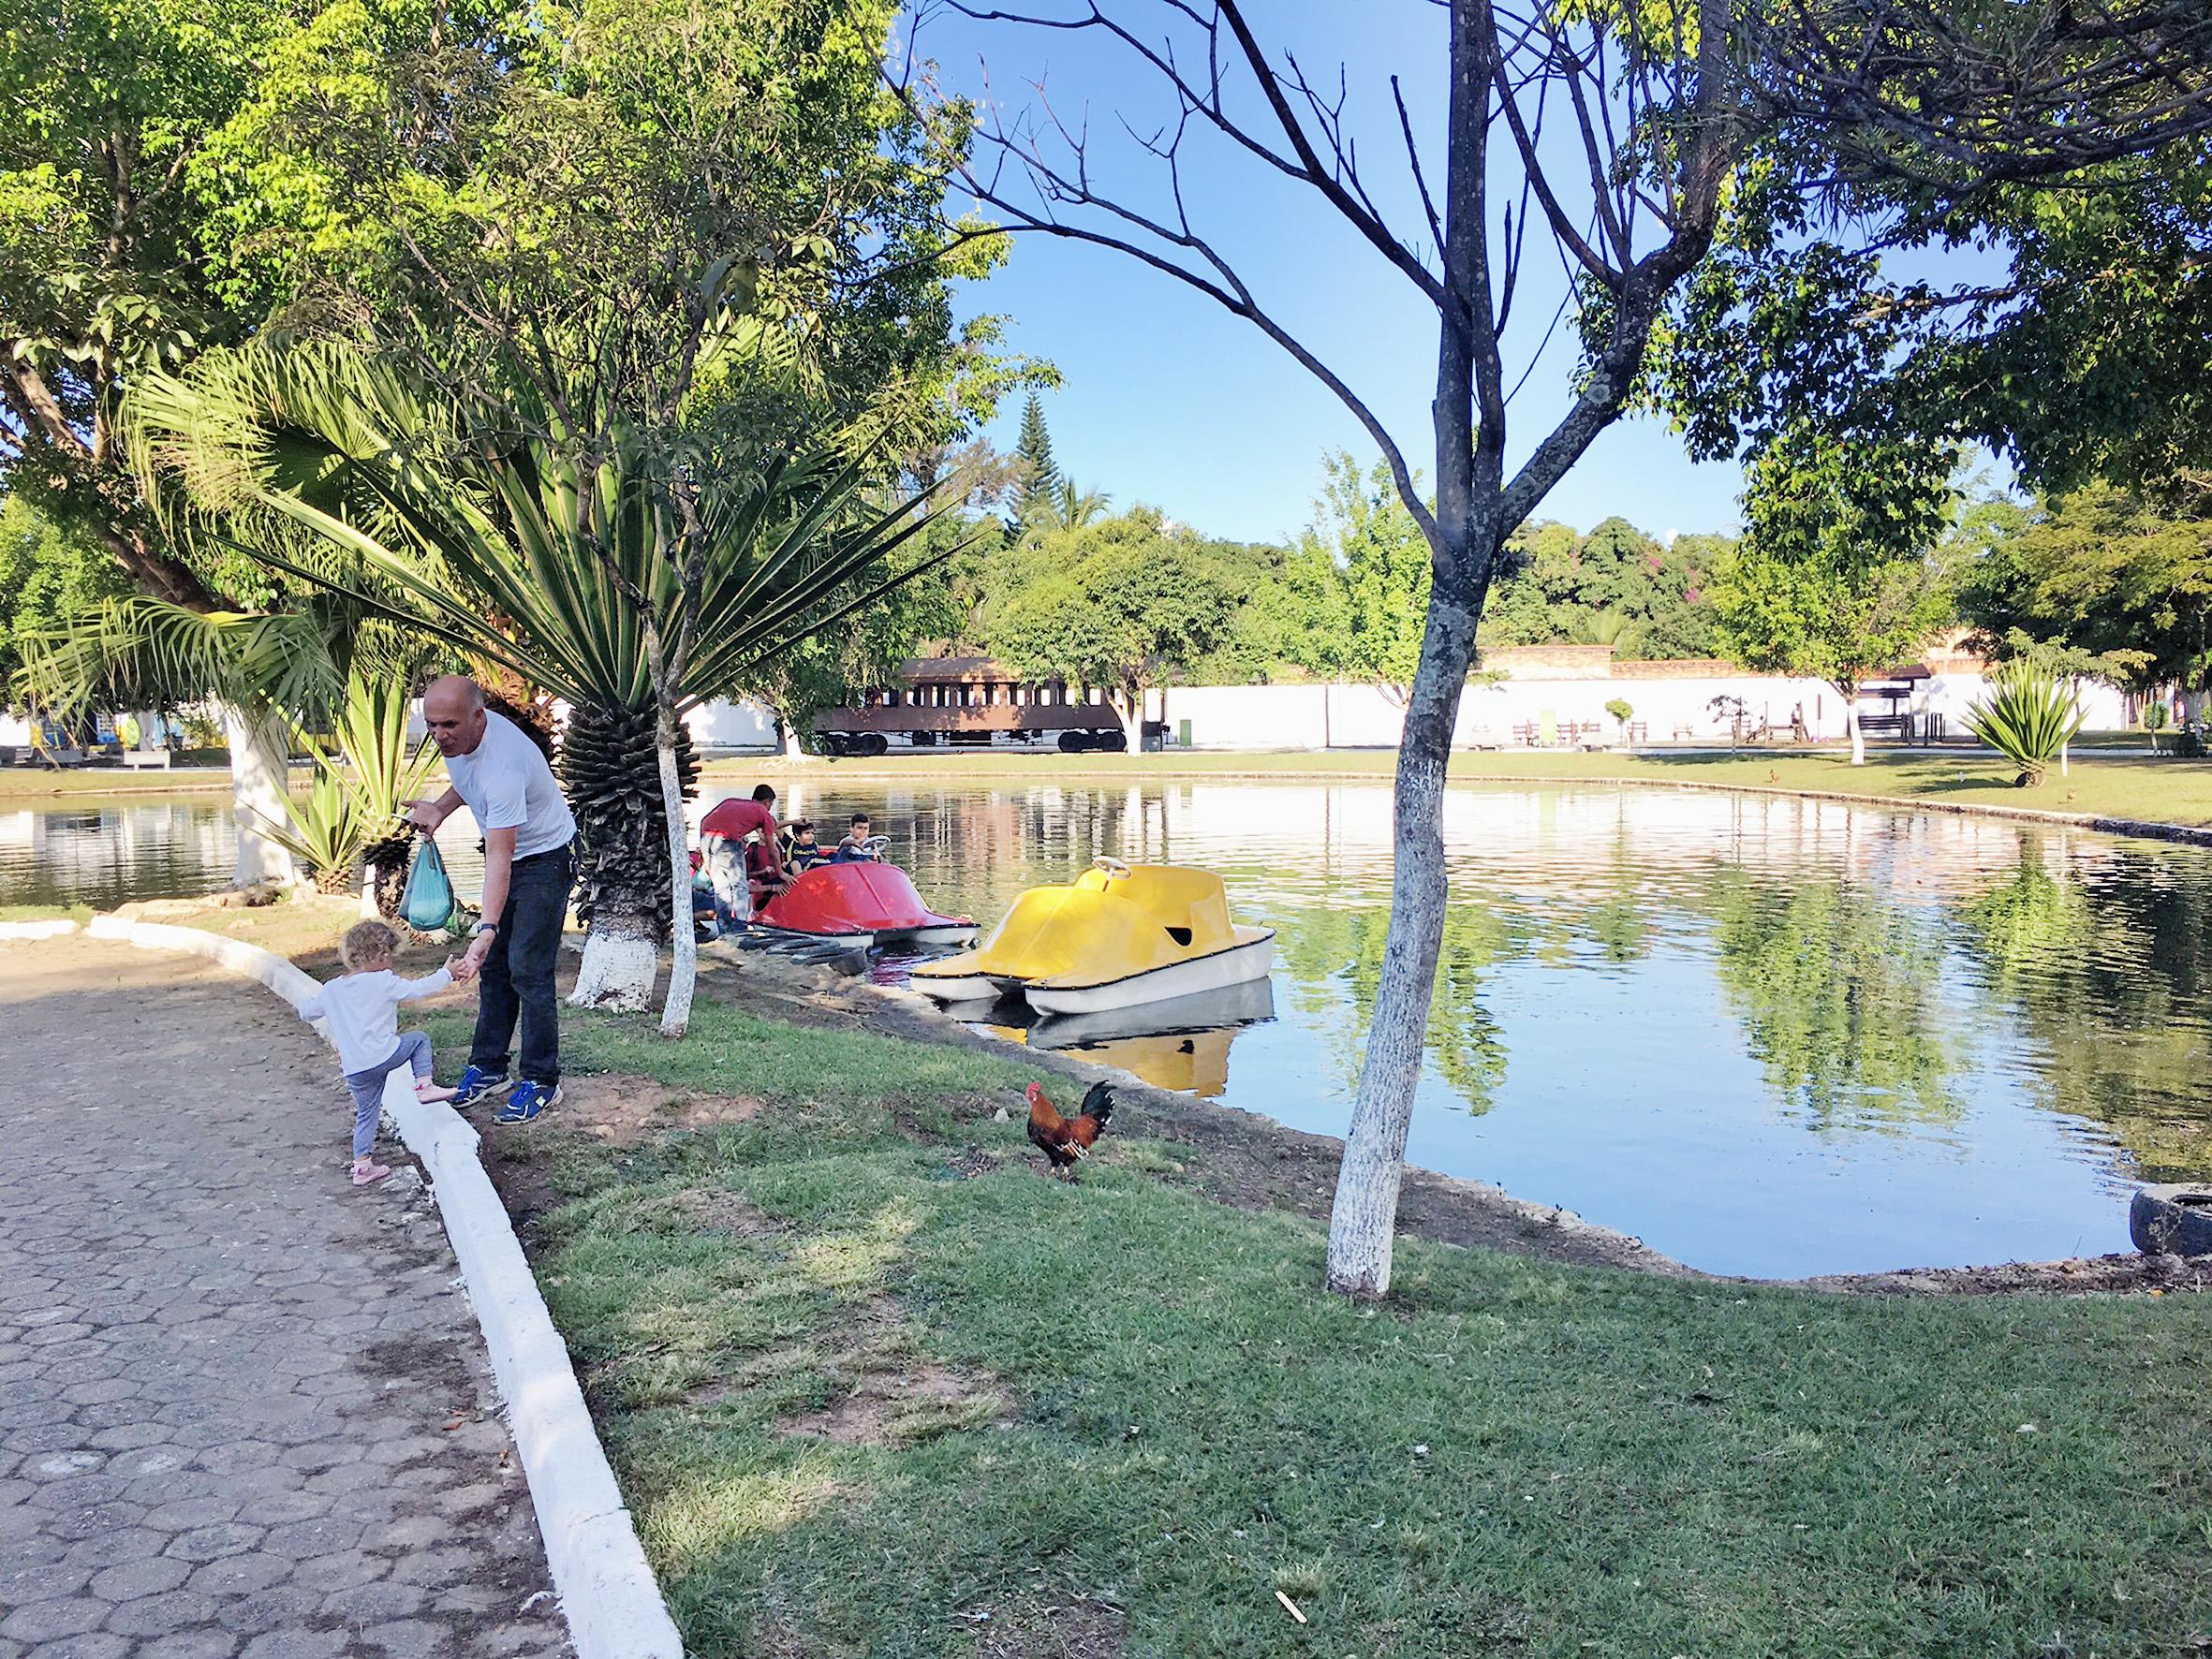 Homem leva neto para passear no Parque Municipal, que recebeu reforma e ganhou dois novos pedalinhos; atração tem tarifa de R$ 2 (Foto: Jéssica Dias)